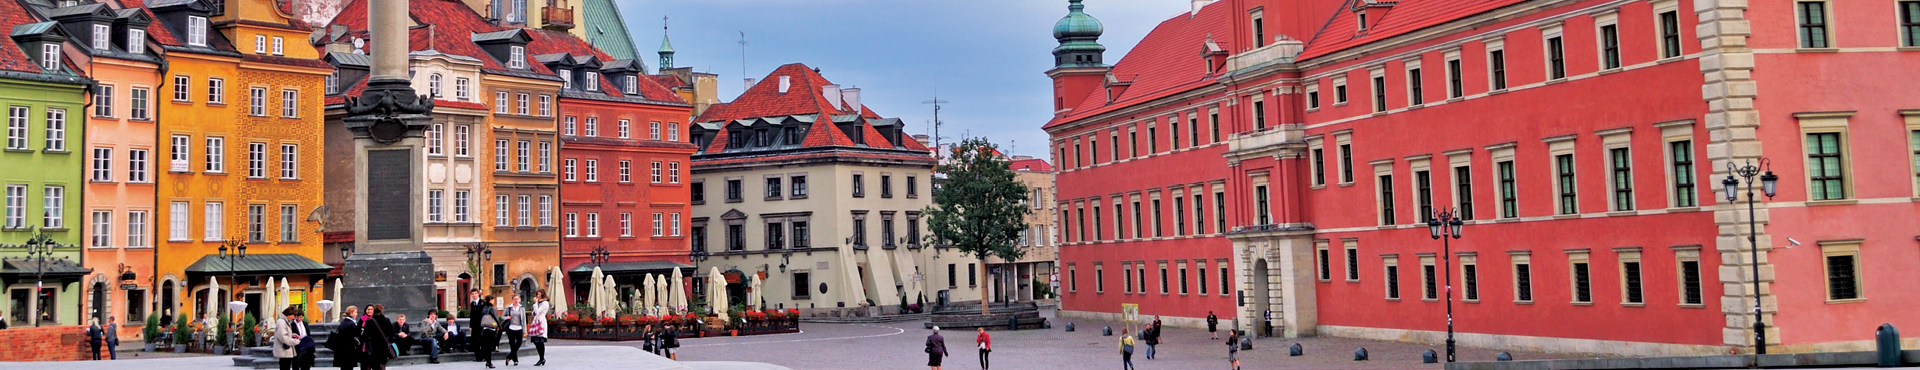 """טיול מאורגן לפולין  - תרבות והיסטוריה, טבע ונופים כולל """"מאורת הזאבים"""" והאגמים המיזוריים"""